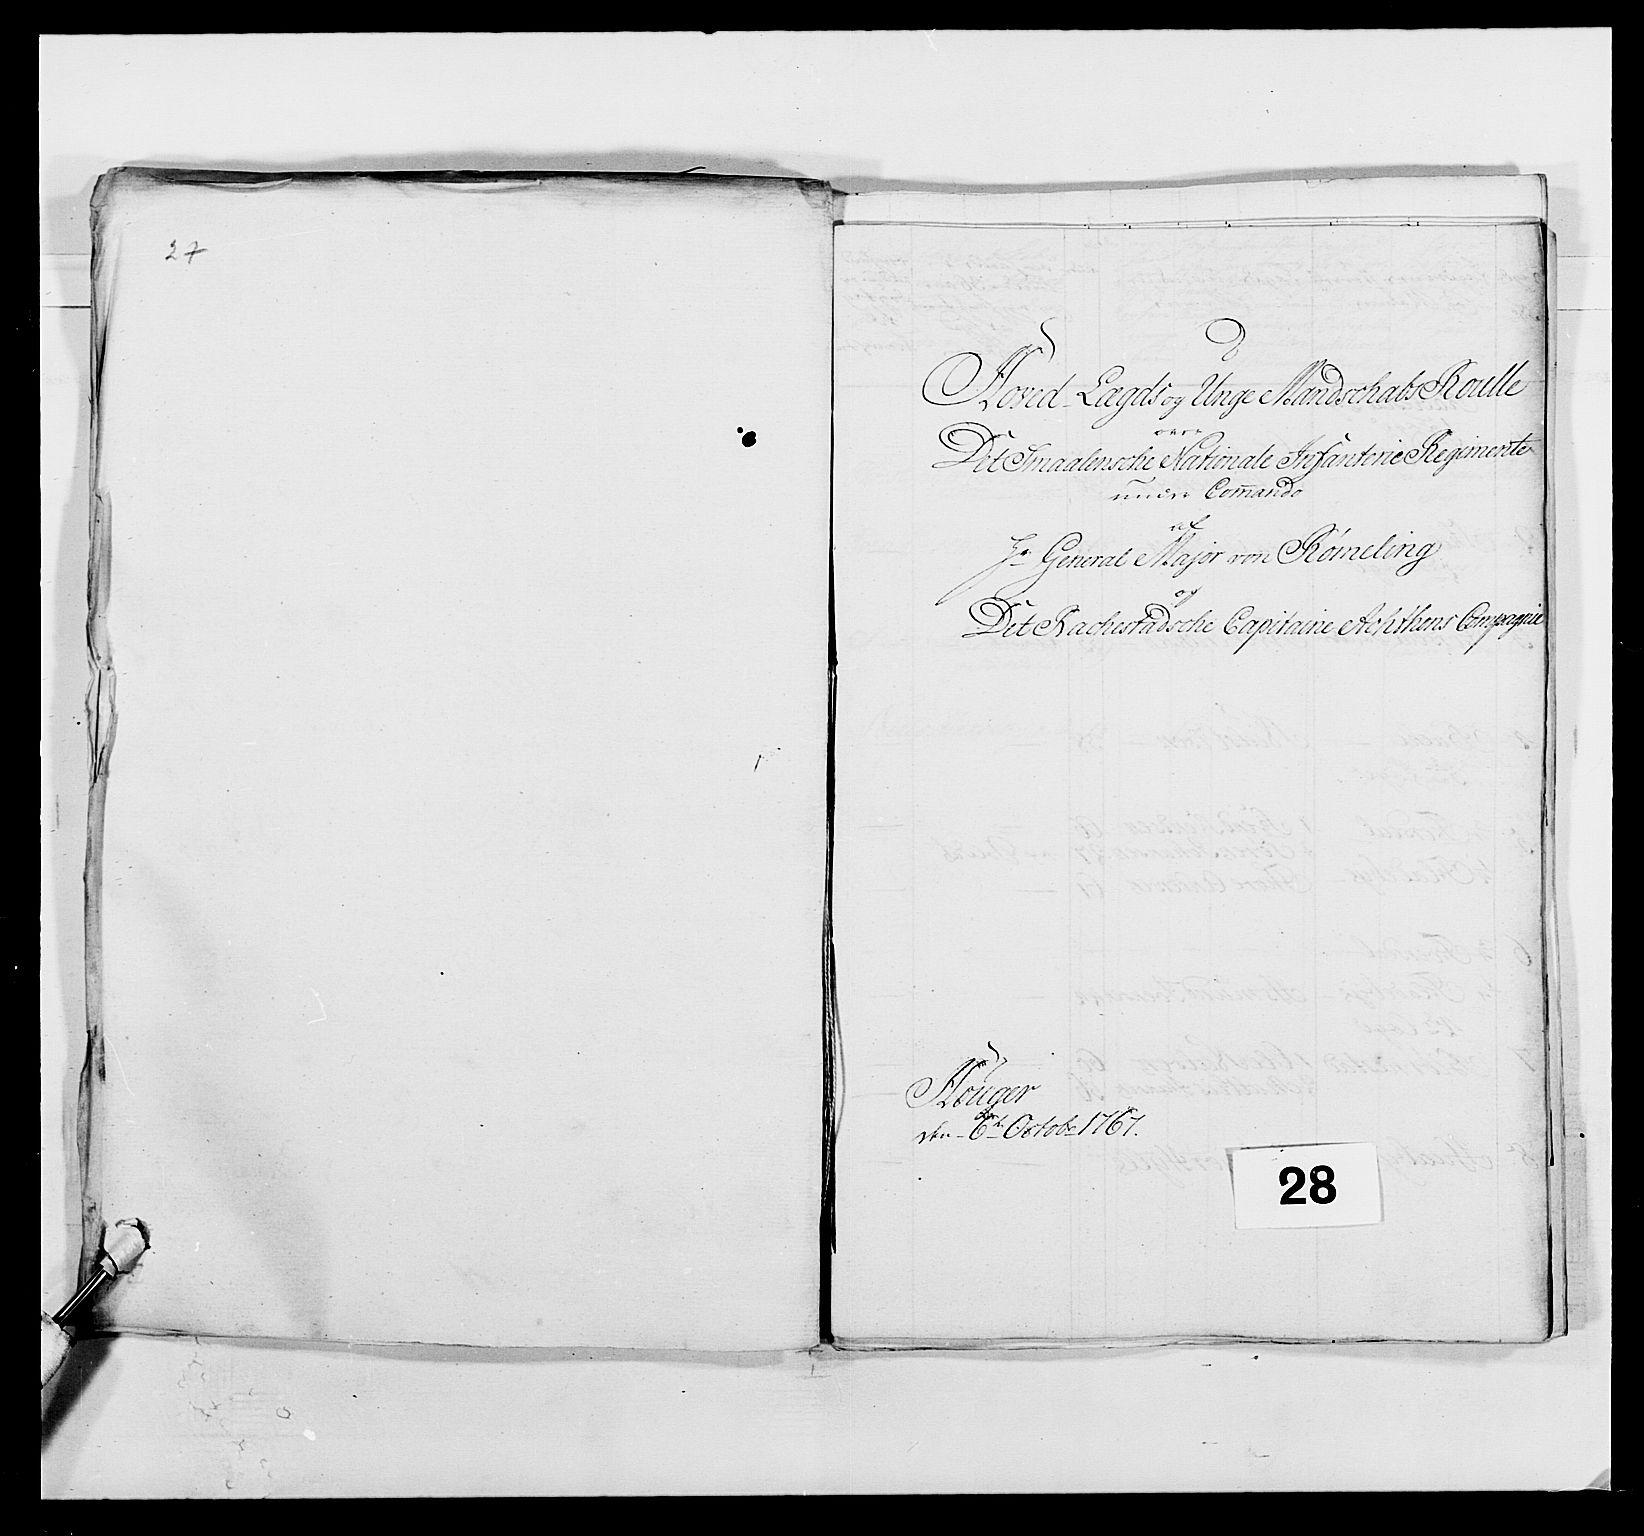 RA, Kommanderende general (KG I) med Det norske krigsdirektorium, E/Ea/L0496: 1. Smålenske regiment, 1765-1767, s. 509